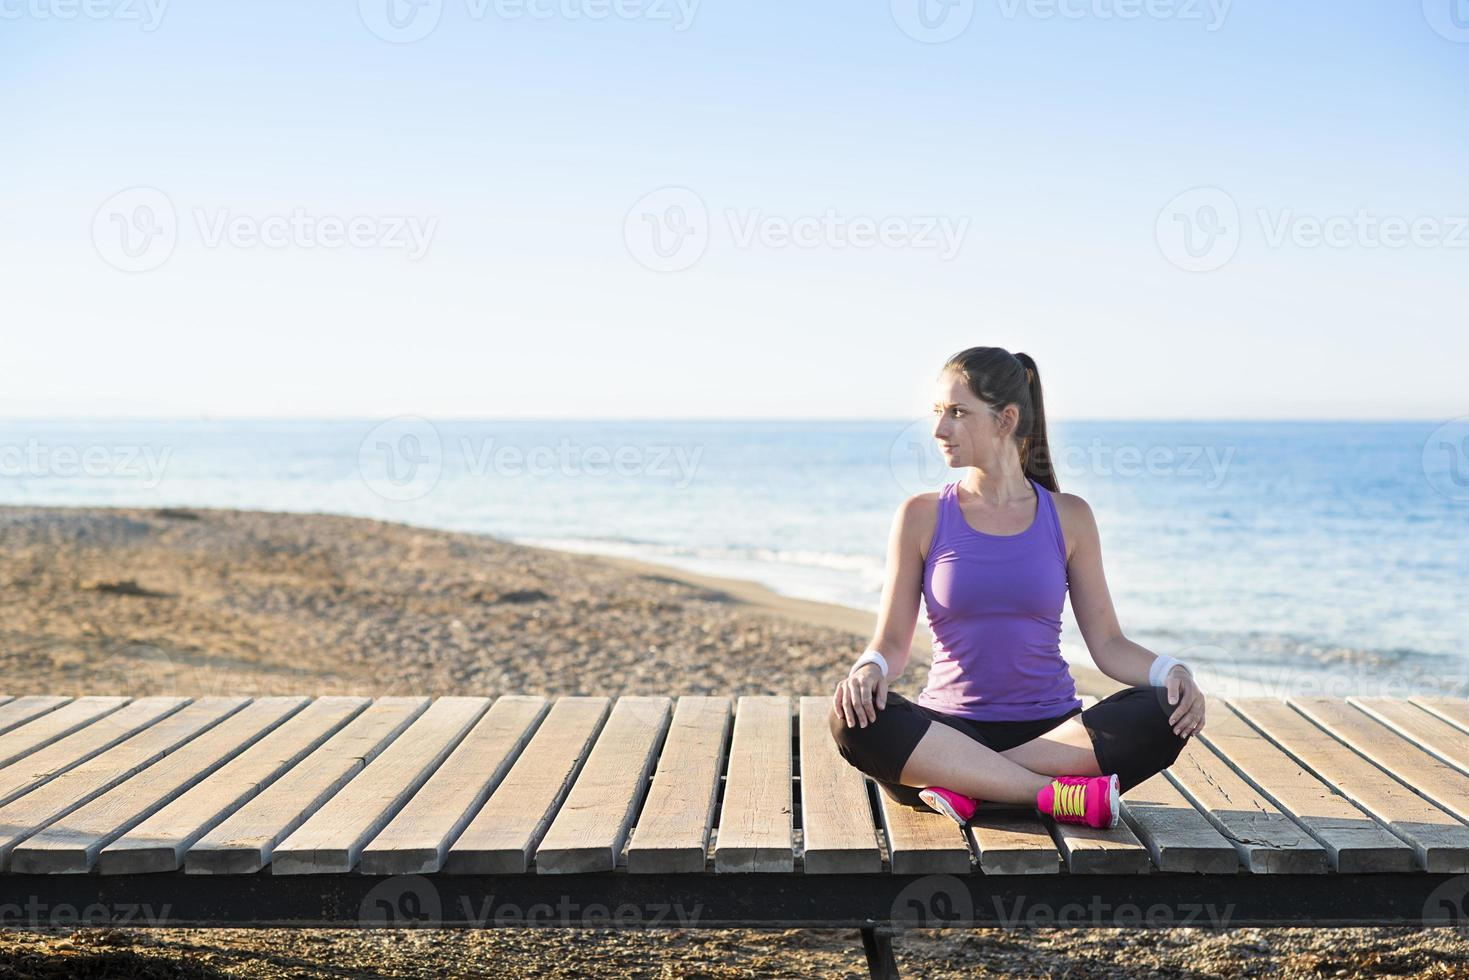 séance d'entraînement sur la plage photo